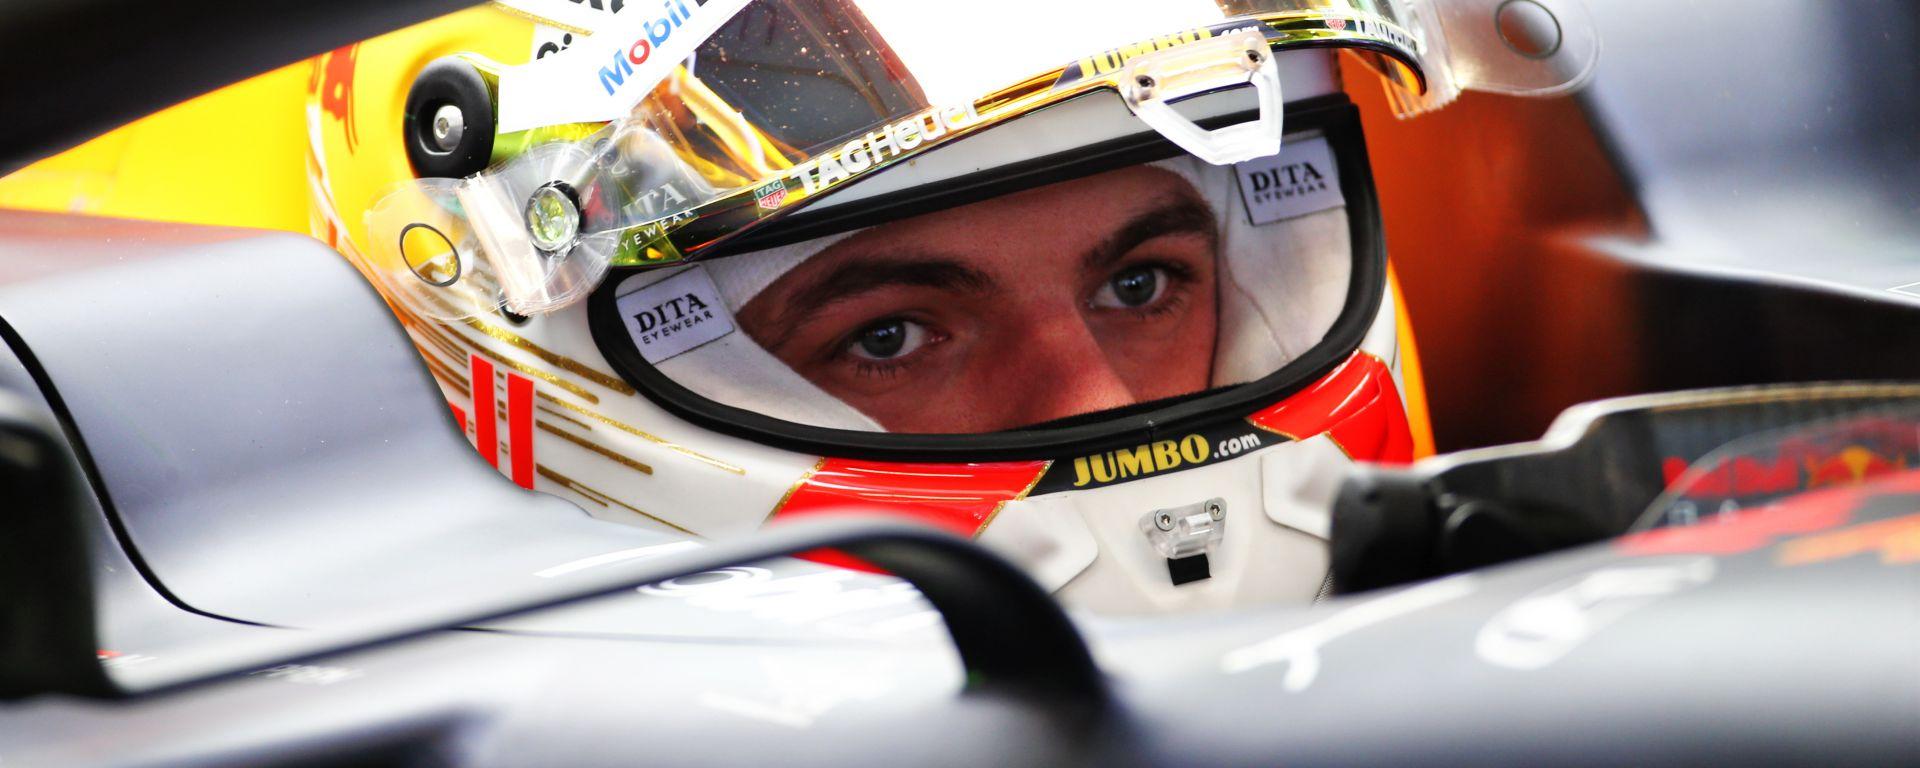 F1 Testing 2020: Max Verstappen (Red Bull)